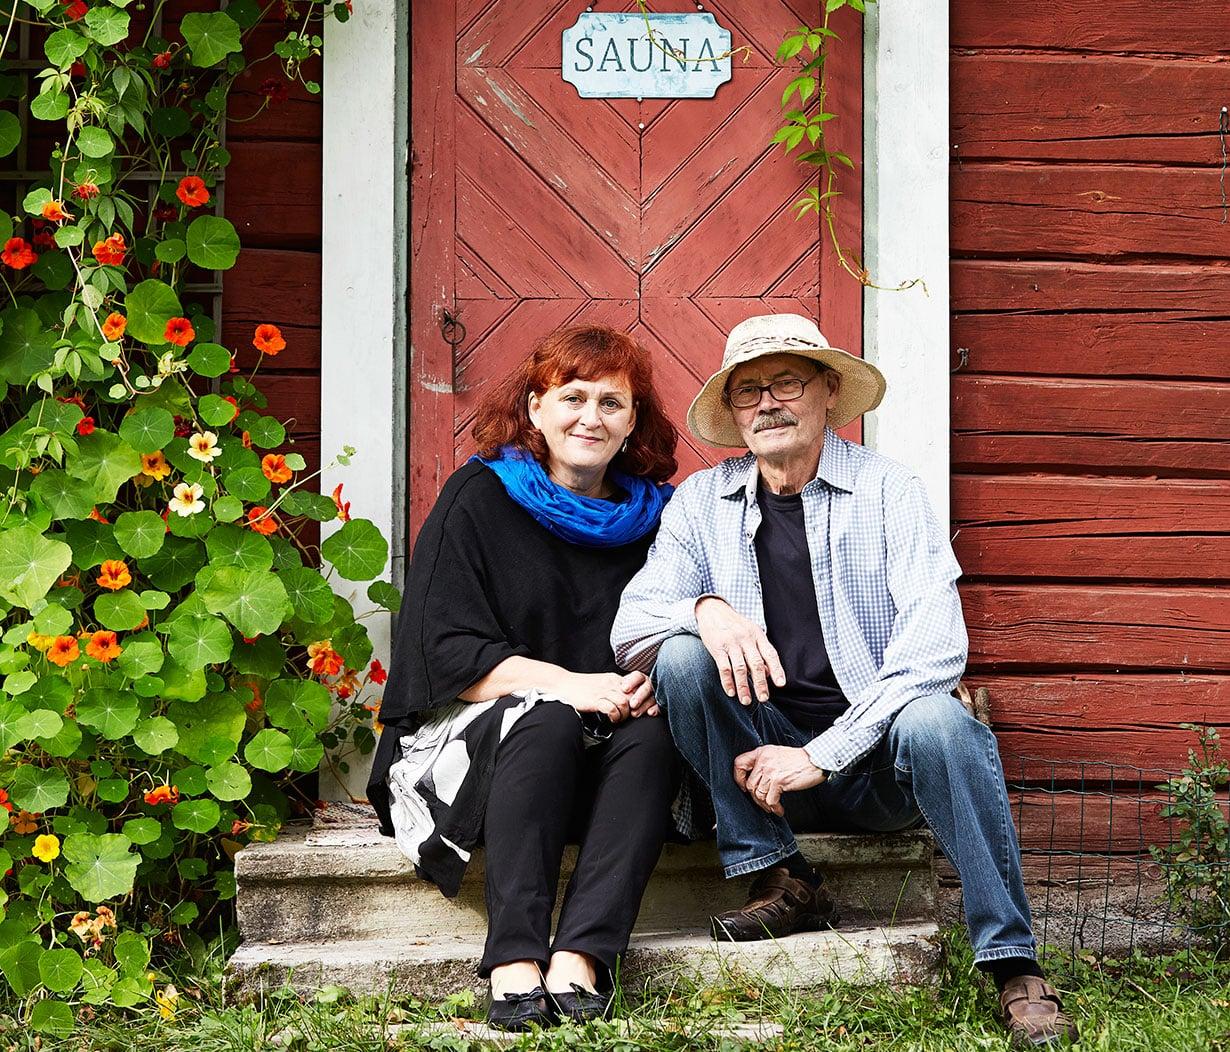 Vanhan talon kunnostus on ympäristotekö, tietävät kuvataiteilija Pentti Kokko ja myyntijohtaja Sari Mäkinen.